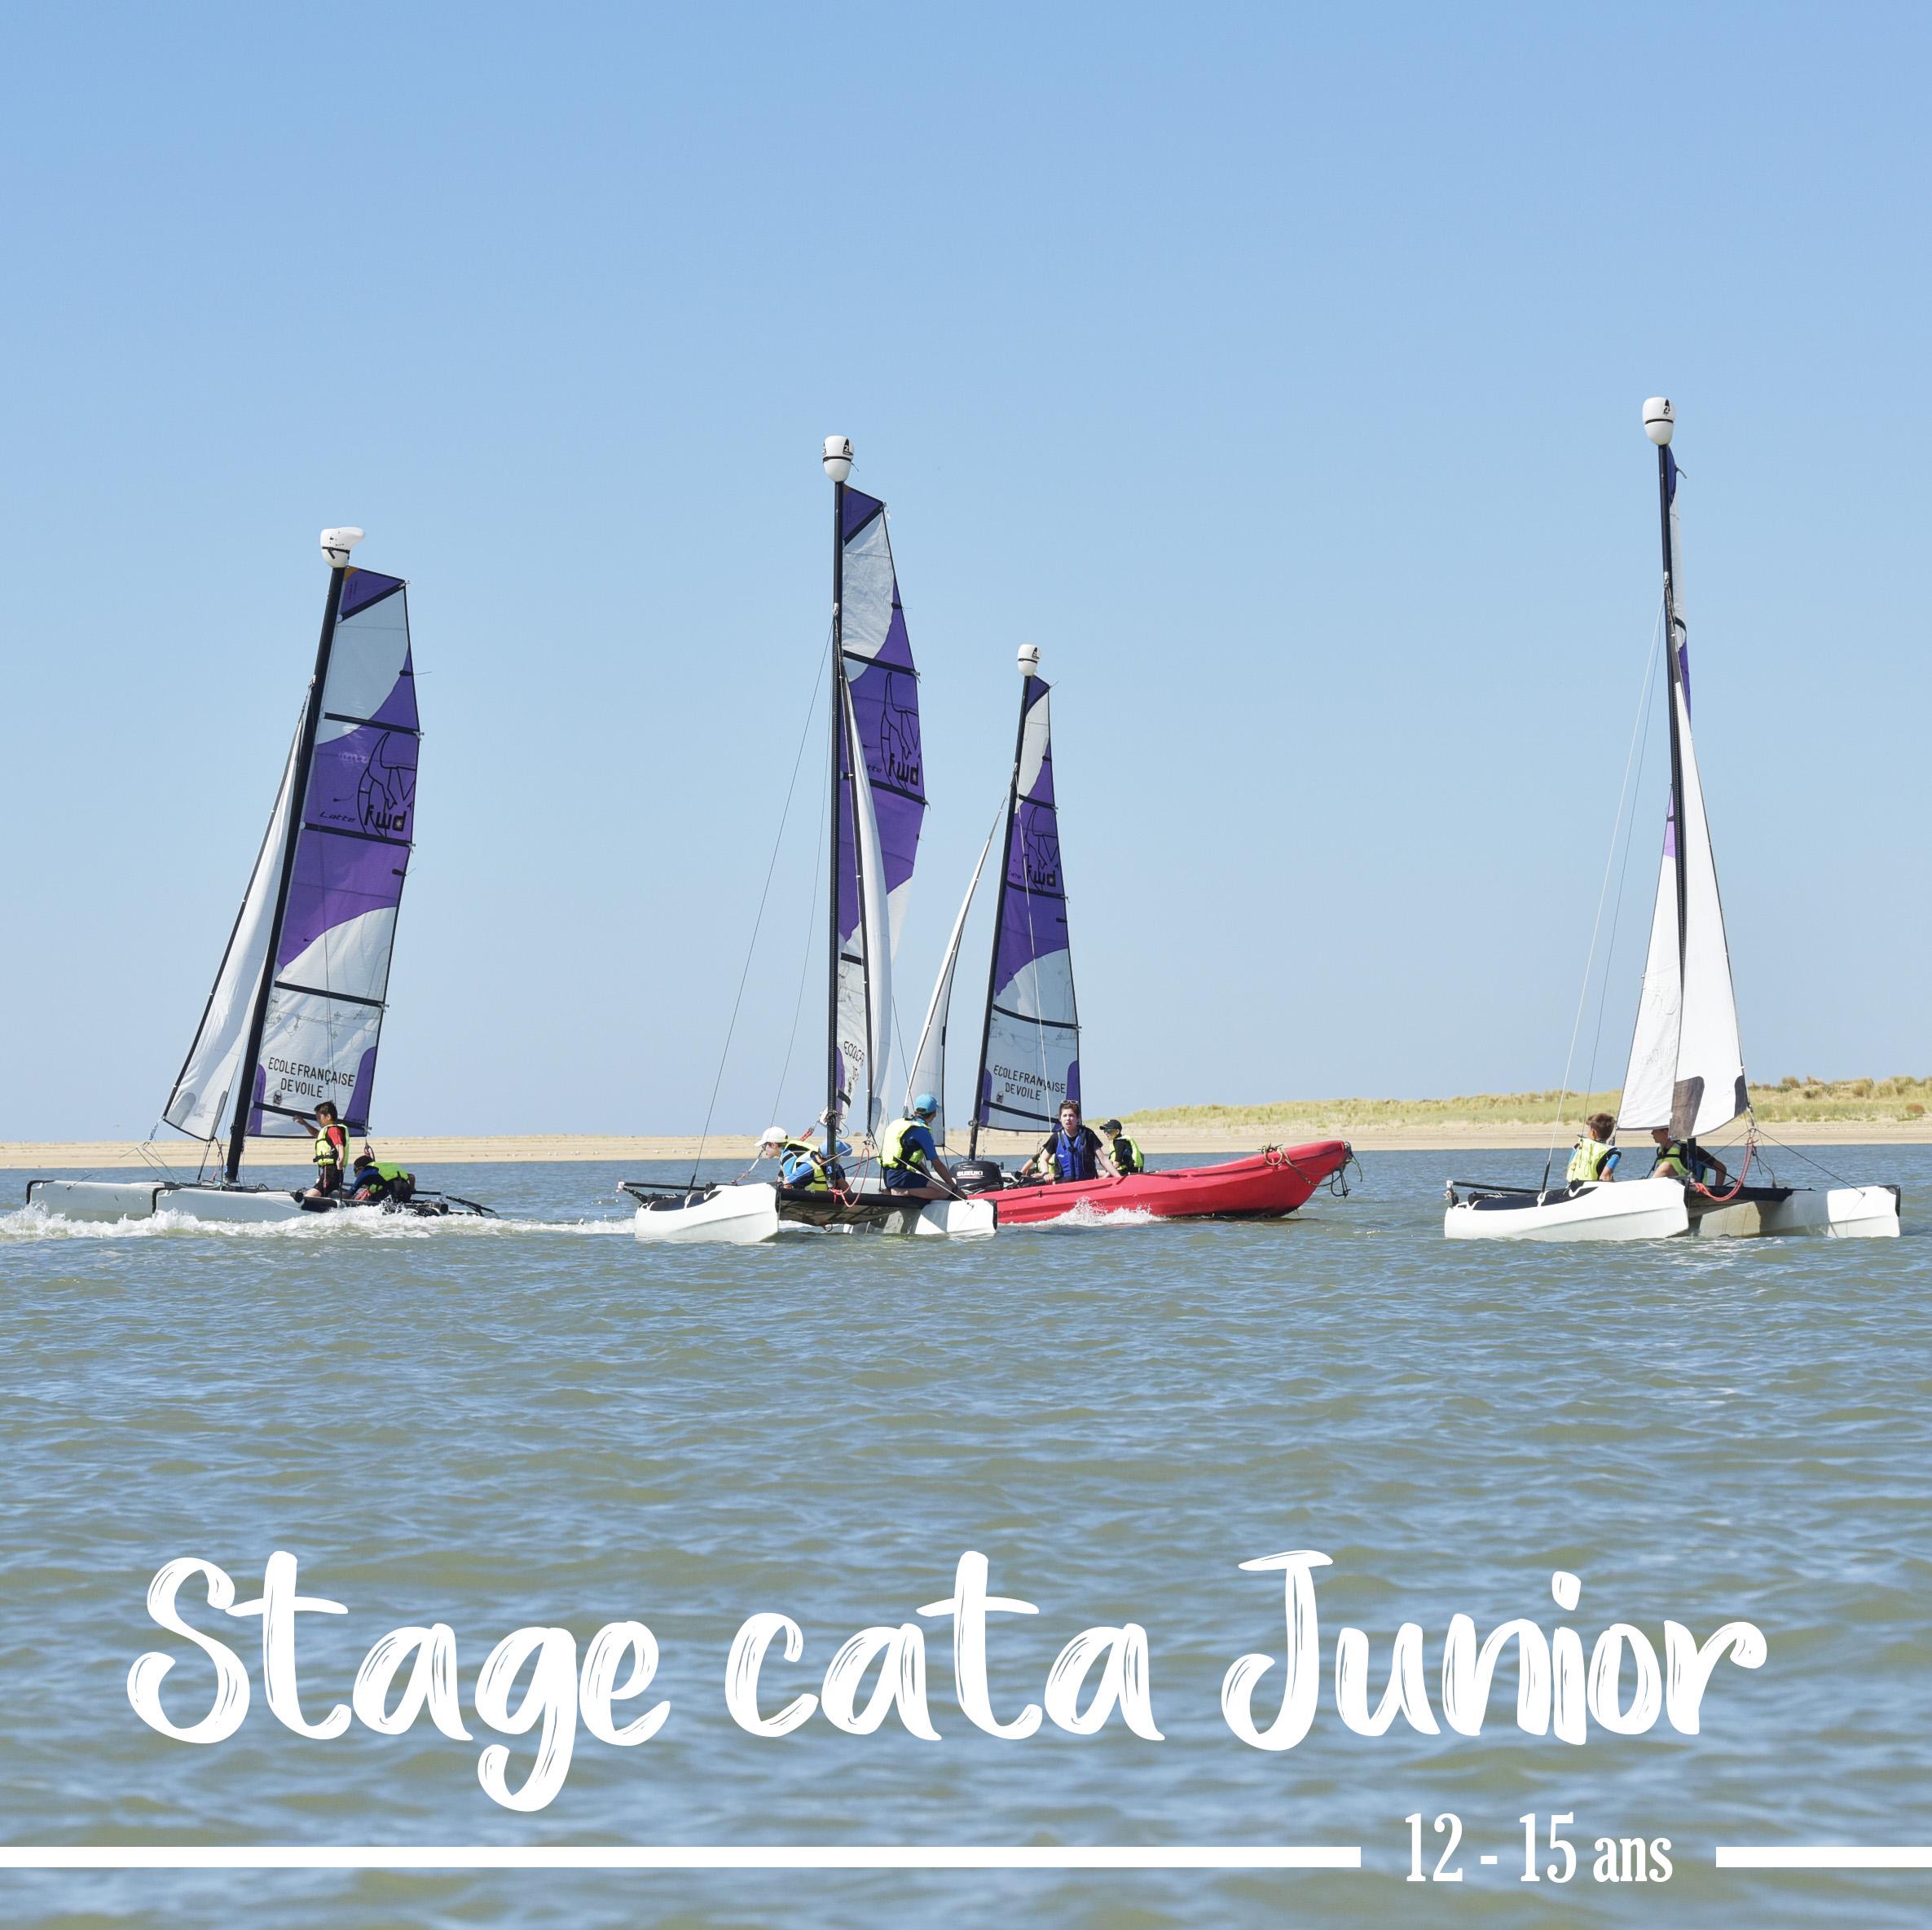 Photo du Offre de Stage de Catamaran 40 jours, du 12 juillet au 20 août 2021 - stage catamaran junior proposé par BASE NAUTIQUE LA PALMYRE affilié à la Fédération Française de Voile